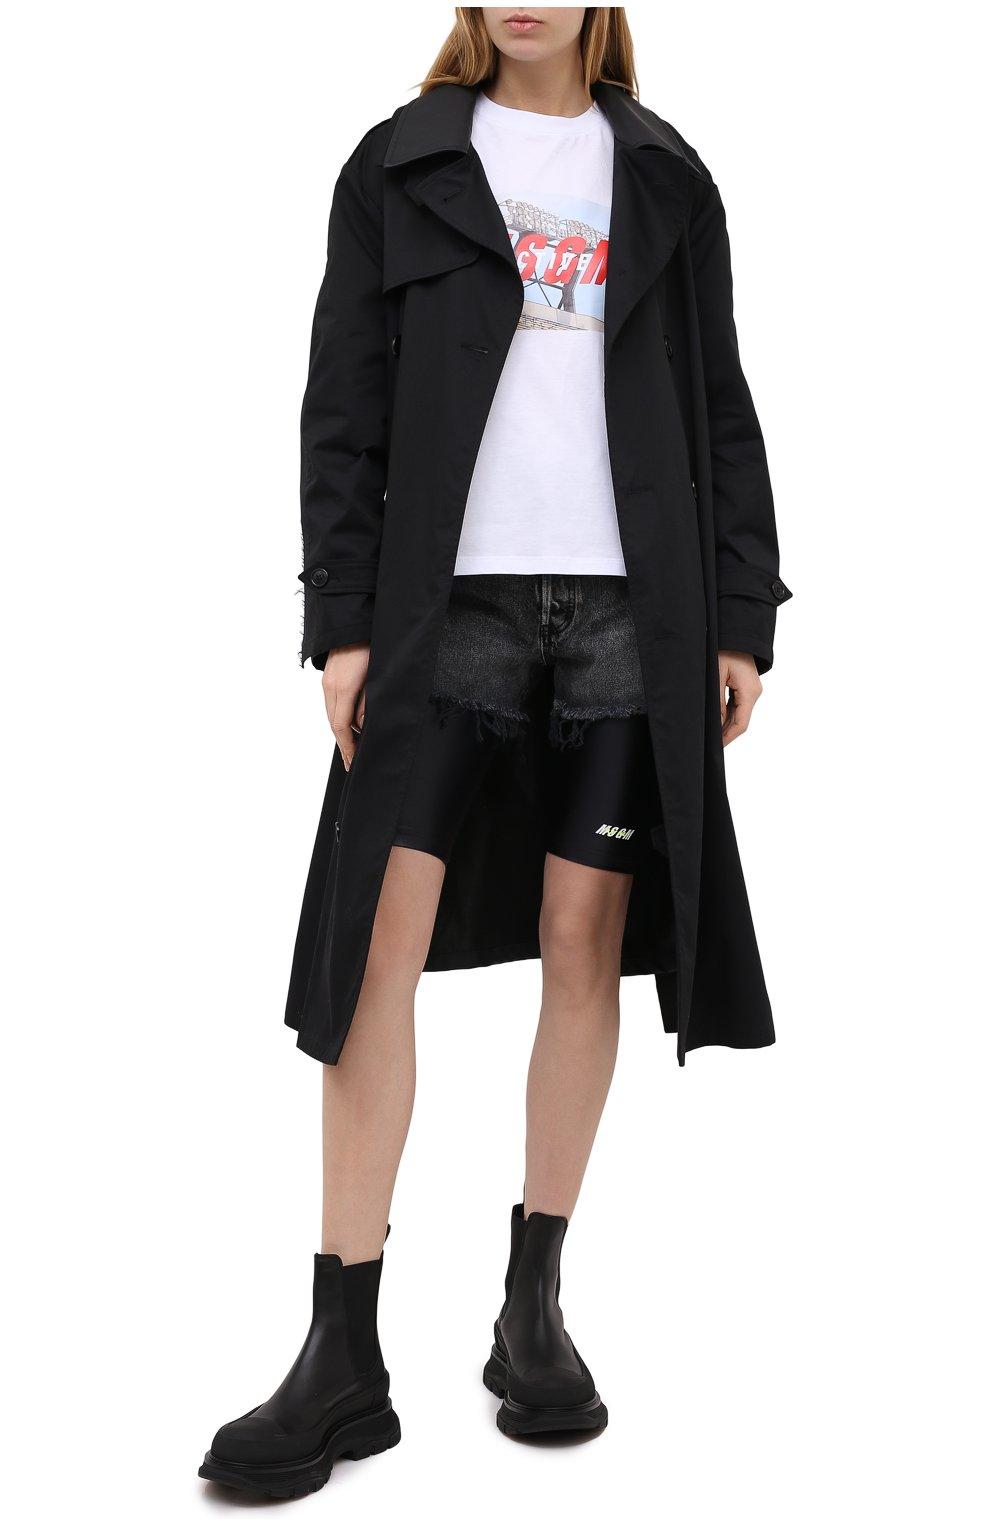 Женские шорты MSGM черного цвета, арт. 2945MDB01 207703   Фото 2 (Длина Ж (юбки, платья, шорты): Мини; Кросс-КТ: Спорт; Материал внешний: Синтетический материал; Женское Кросс-КТ: Шорты-спорт)